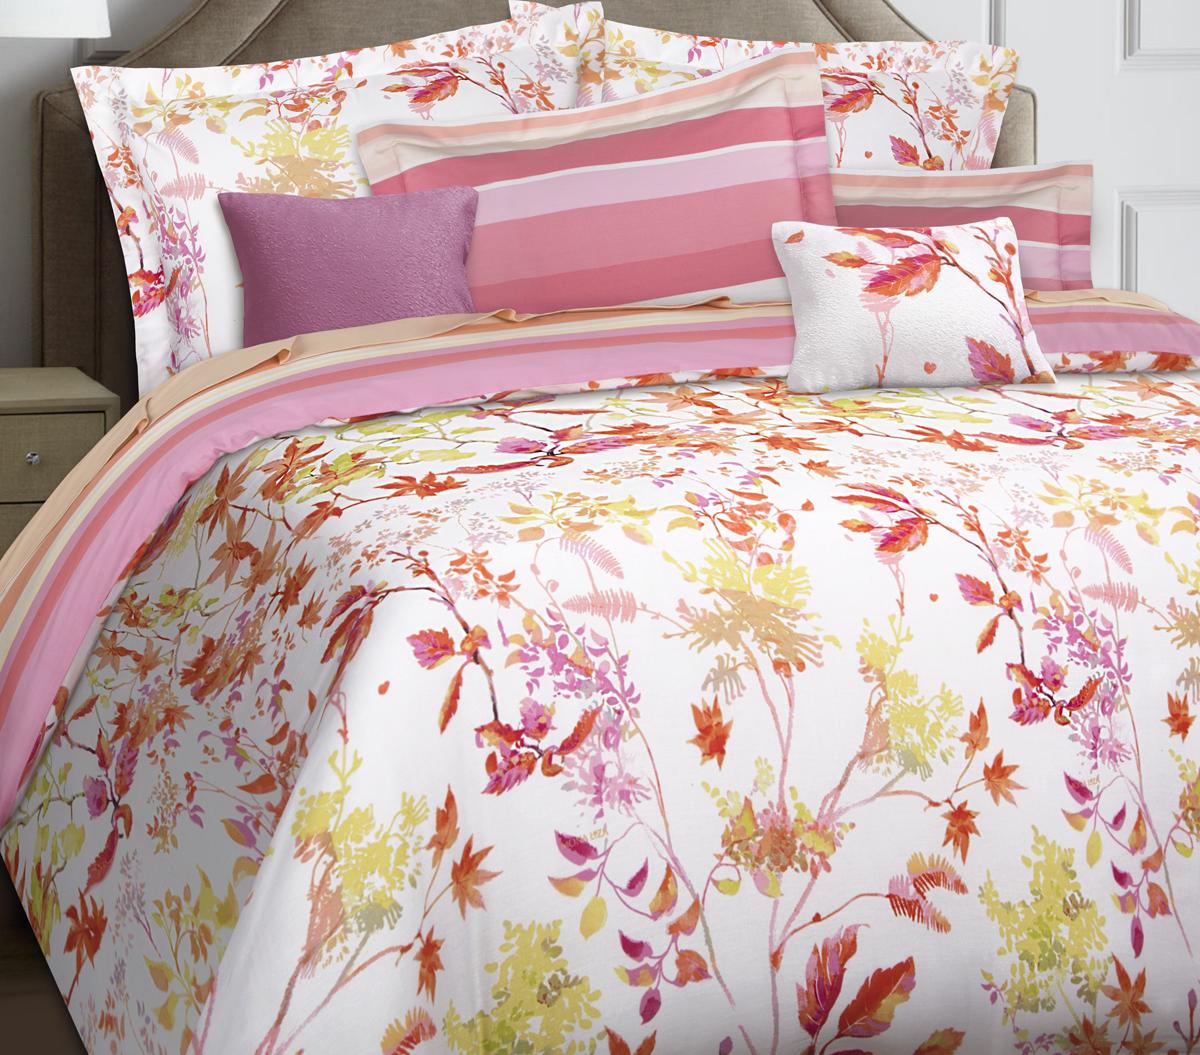 Комплект белья Mona Liza Premium Atelier 4 Seasons, 2-спальное, наволочки 50х70, 70х70. 5044-001 комплект полутораспальный mona liza nensy